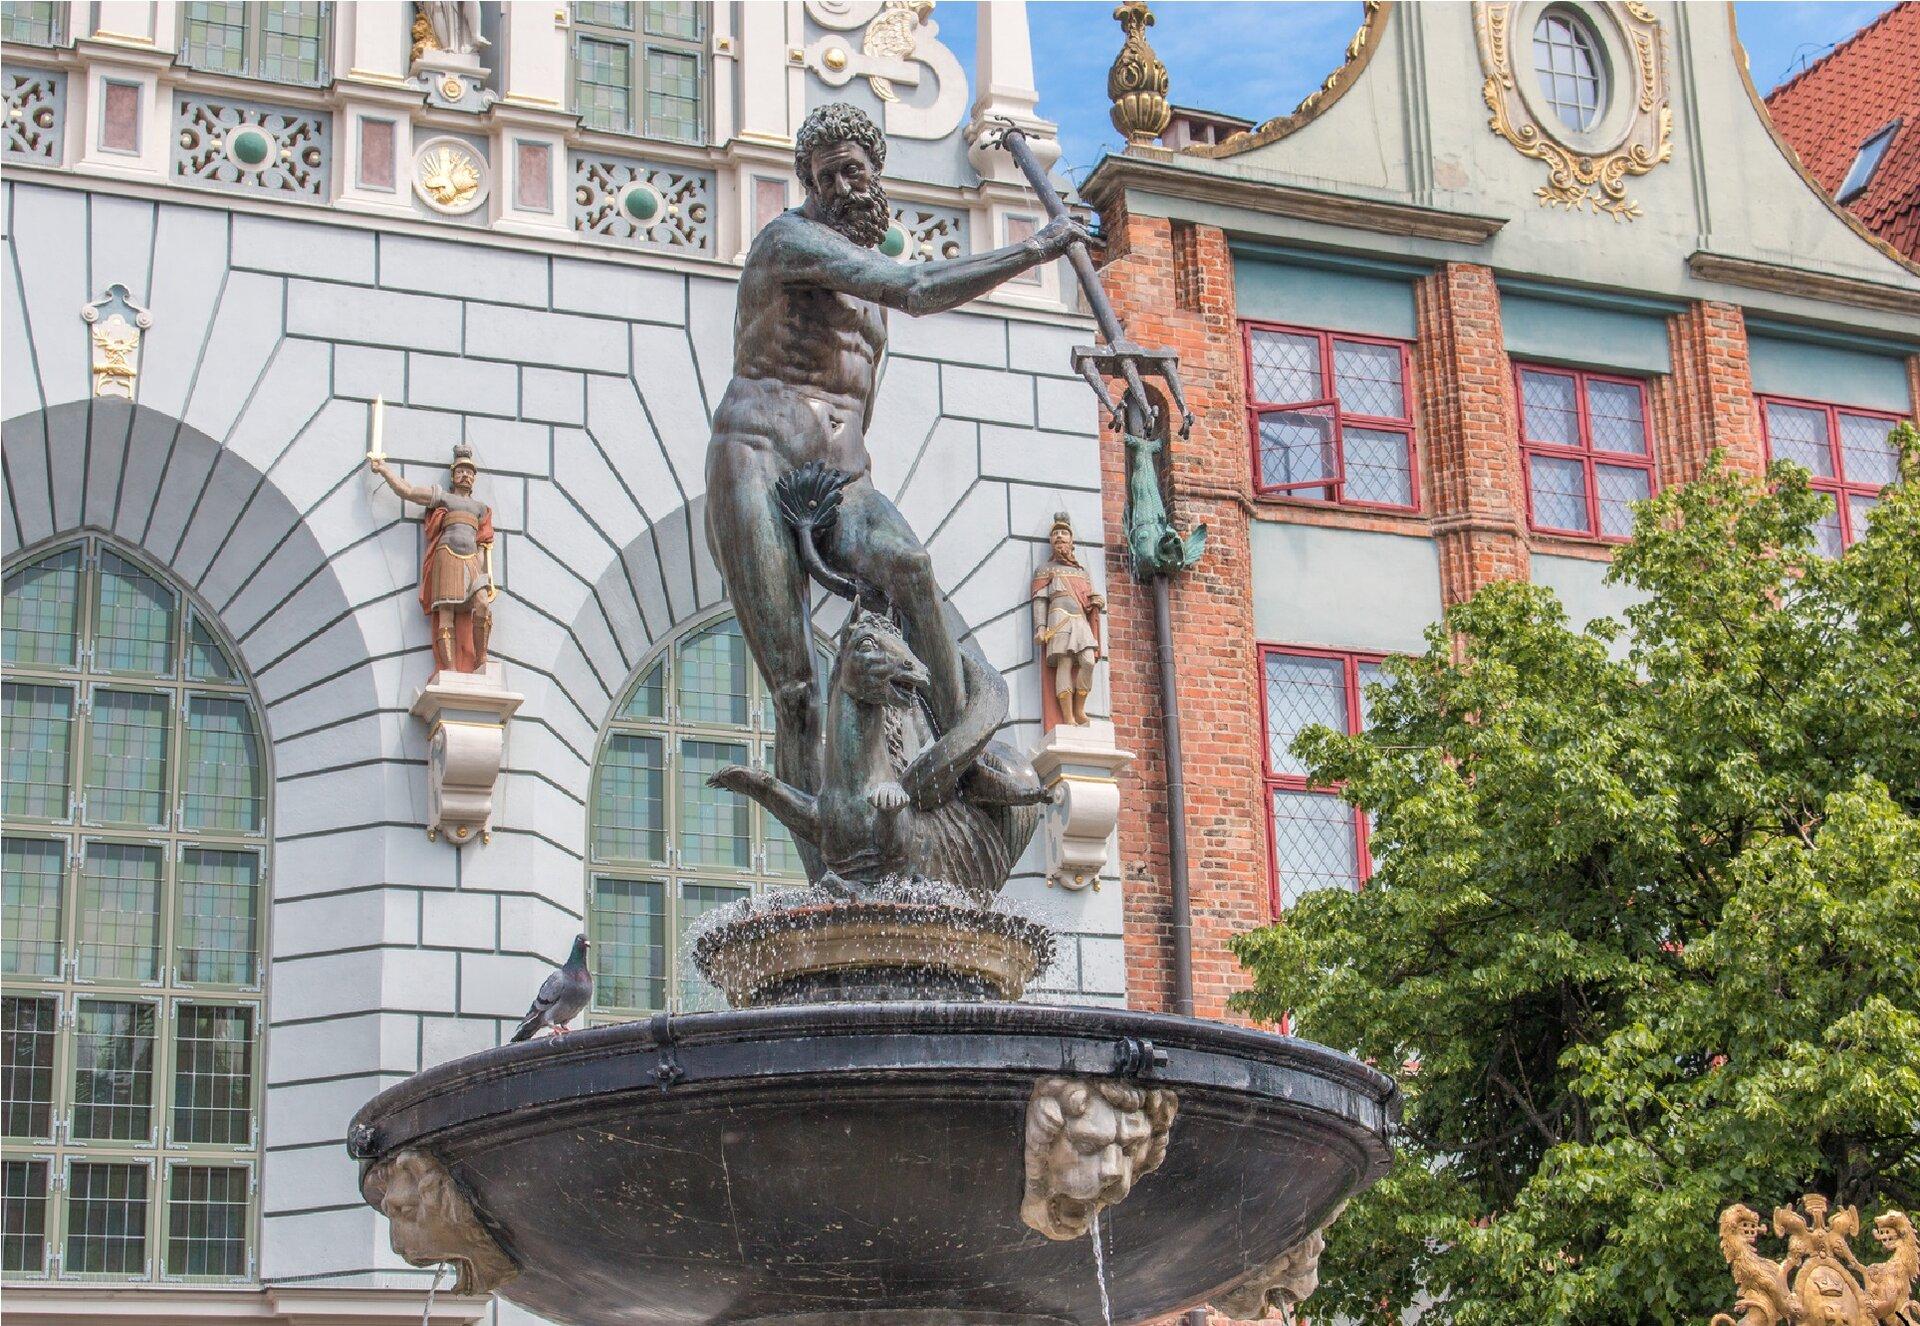 Ilustracja przedstawia Fontannę Neptuna wGdańsku. Wcentrum fontanny ustawiona jest rzeźba zbrązu ukazująca nagiego, brodatego mężczyznę ztrójzębem wprawej wysuniętej do przodu ręce. Władca mórz został ukazany podczas walki zkońmi morskimi, które wiją się ujego stóp. Dynamicznie przedstawiona postać została wykonana zdużą dbałością odetal. Na jego ciele zpieczołowitością wyrzeźbiono każdy mięsień. Pod rzeźbą znajduje się górna, czarna misa fontanny zjasnymi głowami lwów, zktórych leje się woda. Posąg ukazany został na tle Toruńskich kamieniczek.